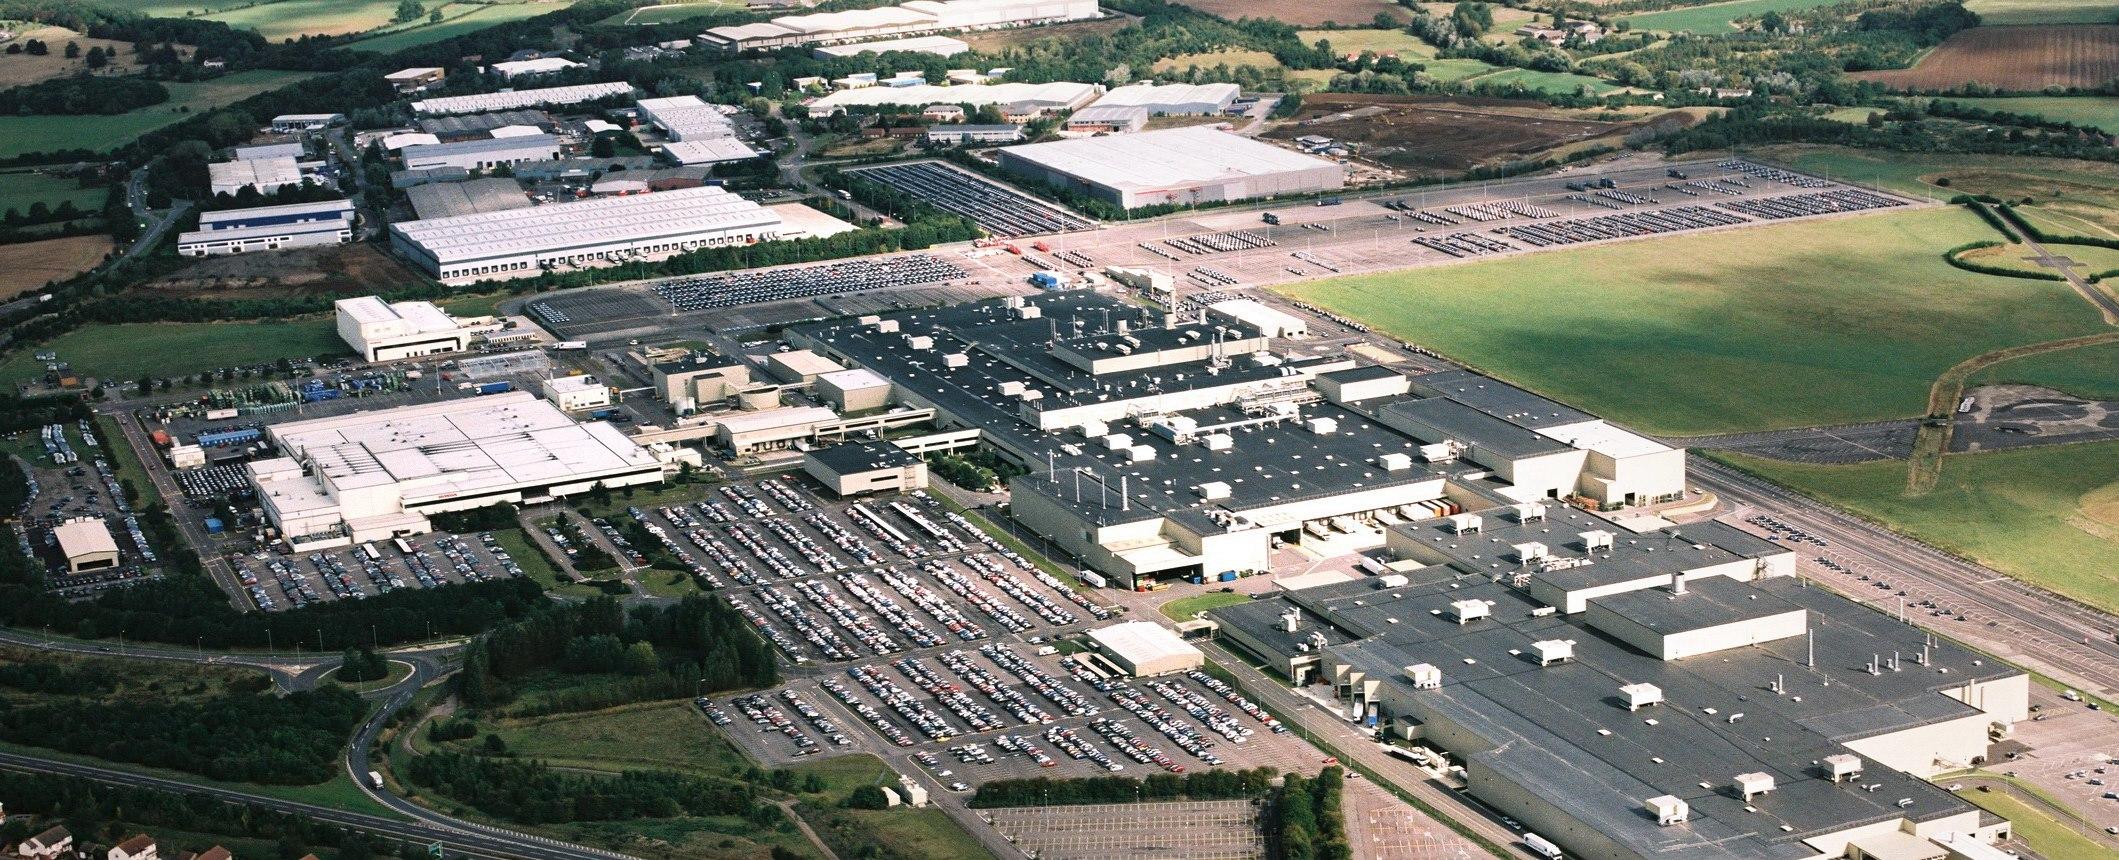 Honda-of-the-UK-plant-swindon.jpg